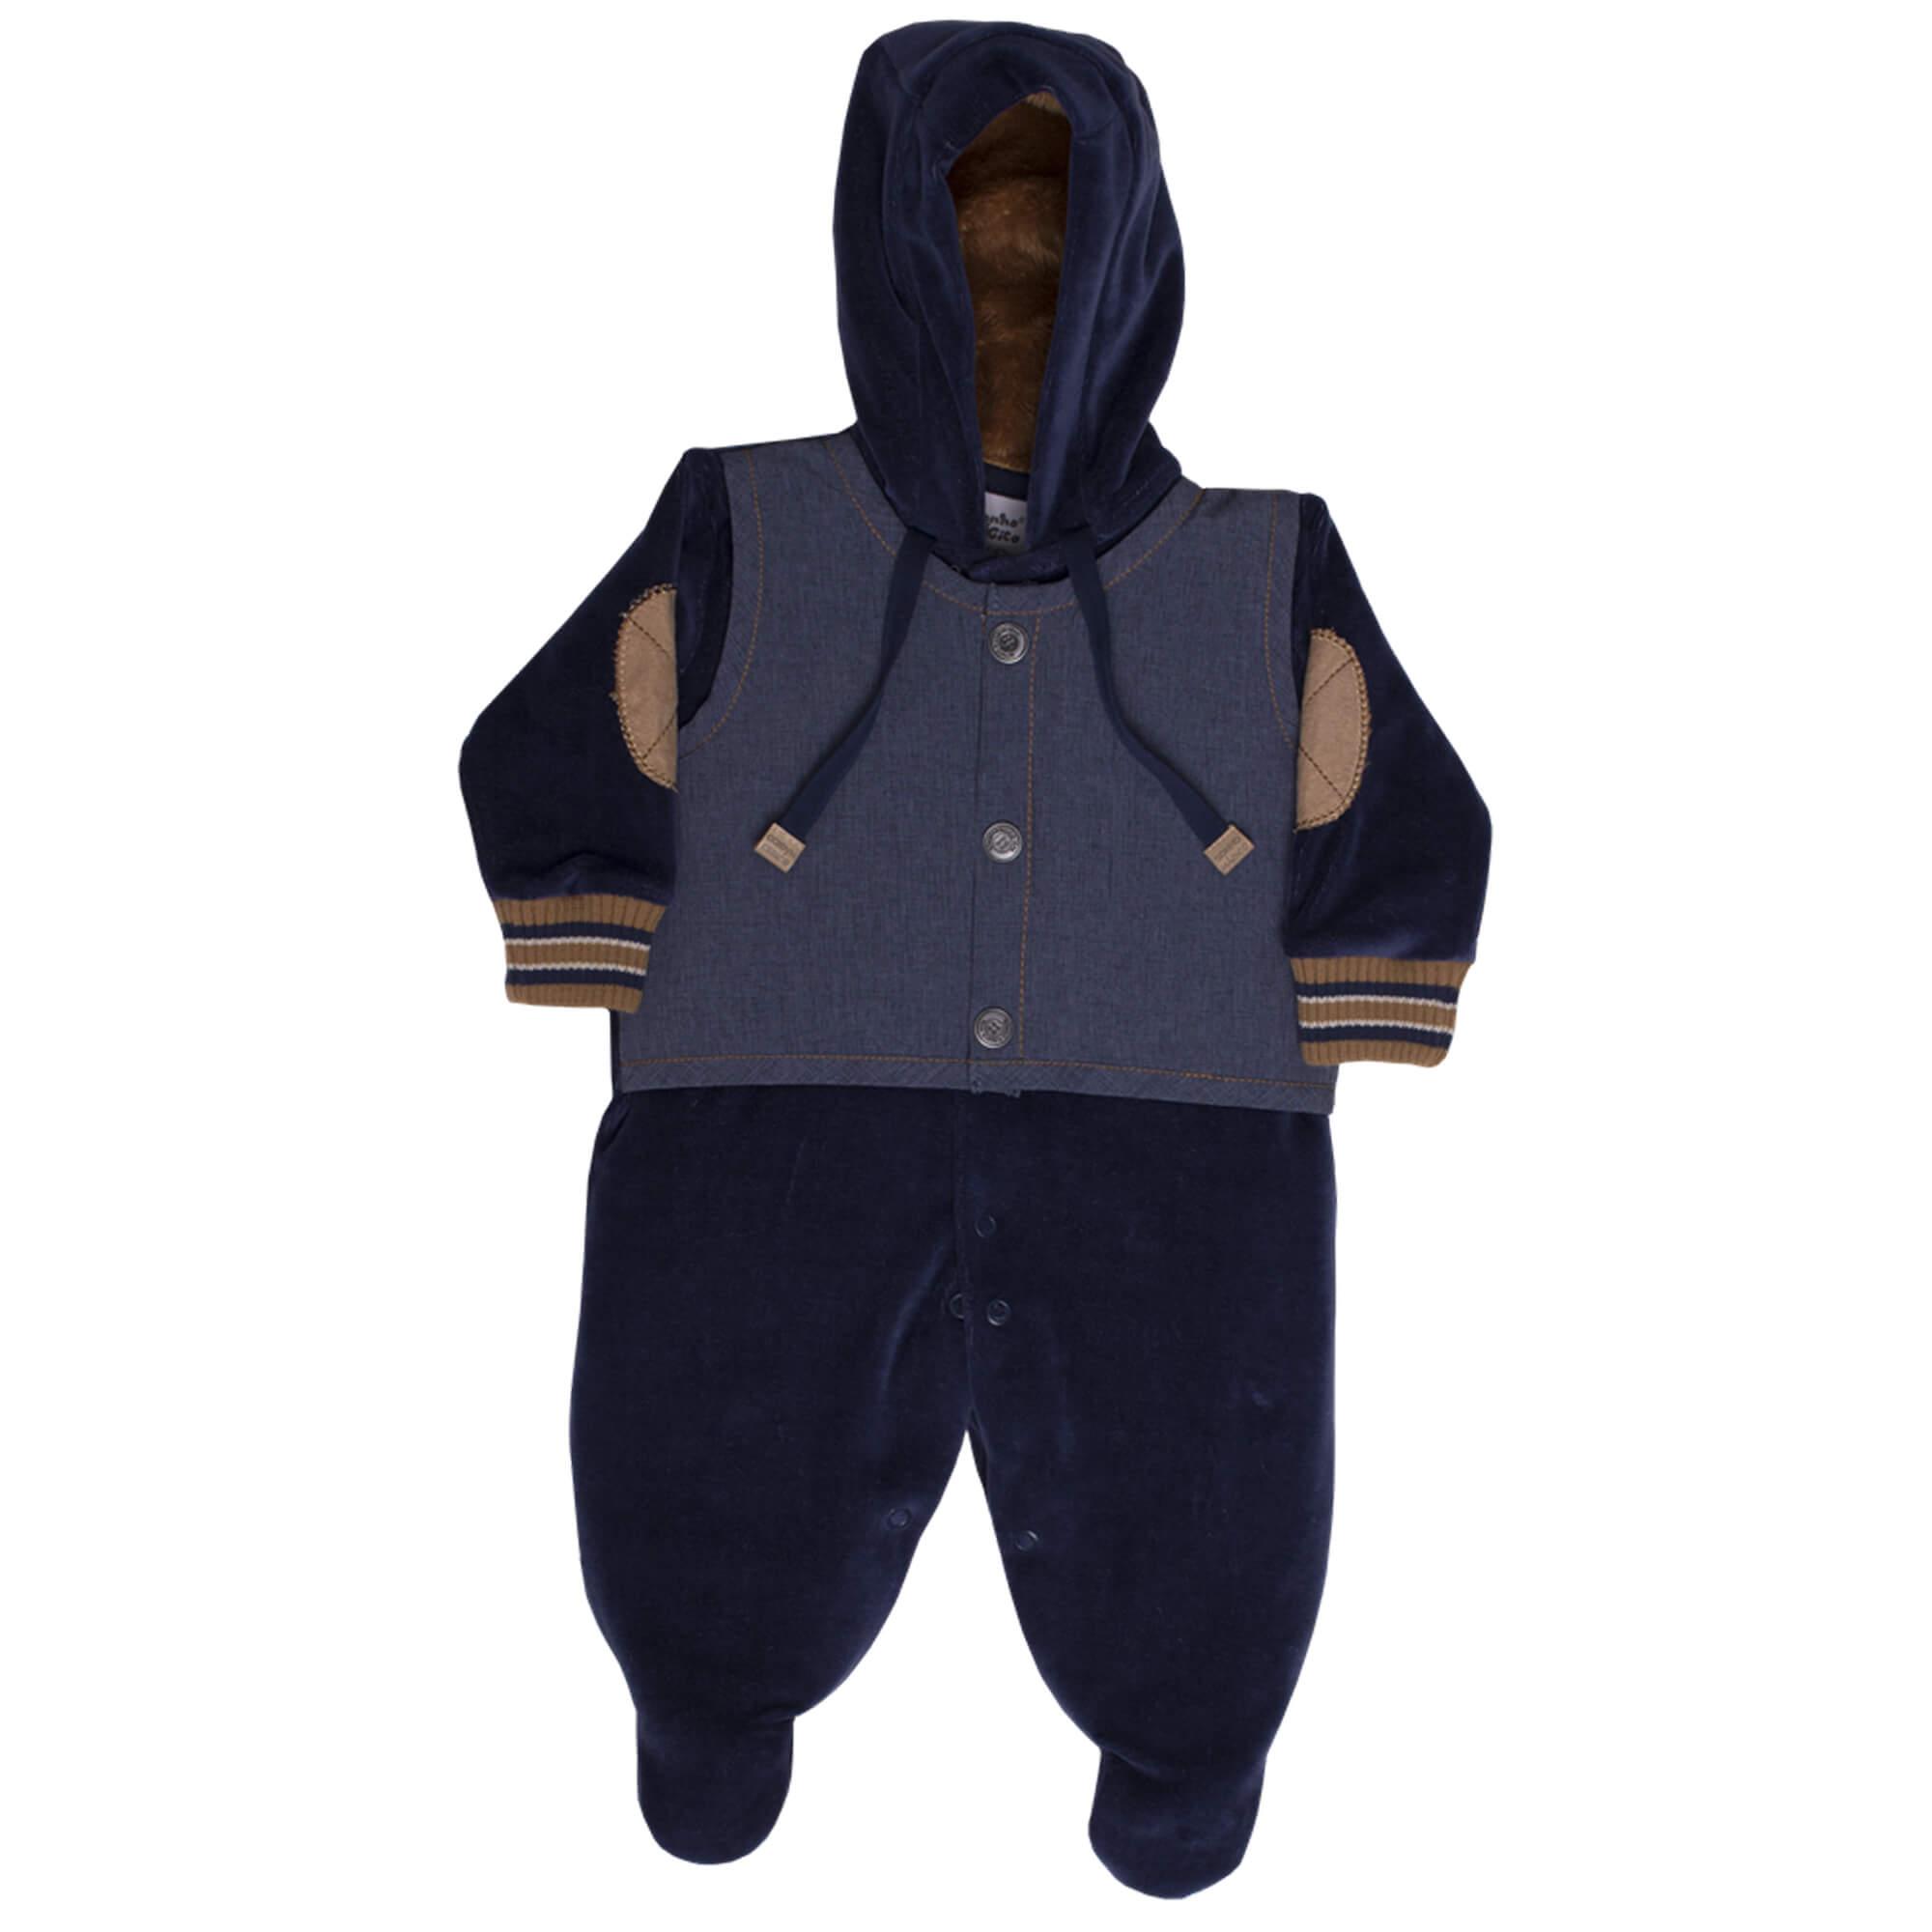 Macacão Inverno Plush Sonho Mágico Baby - PP ao P